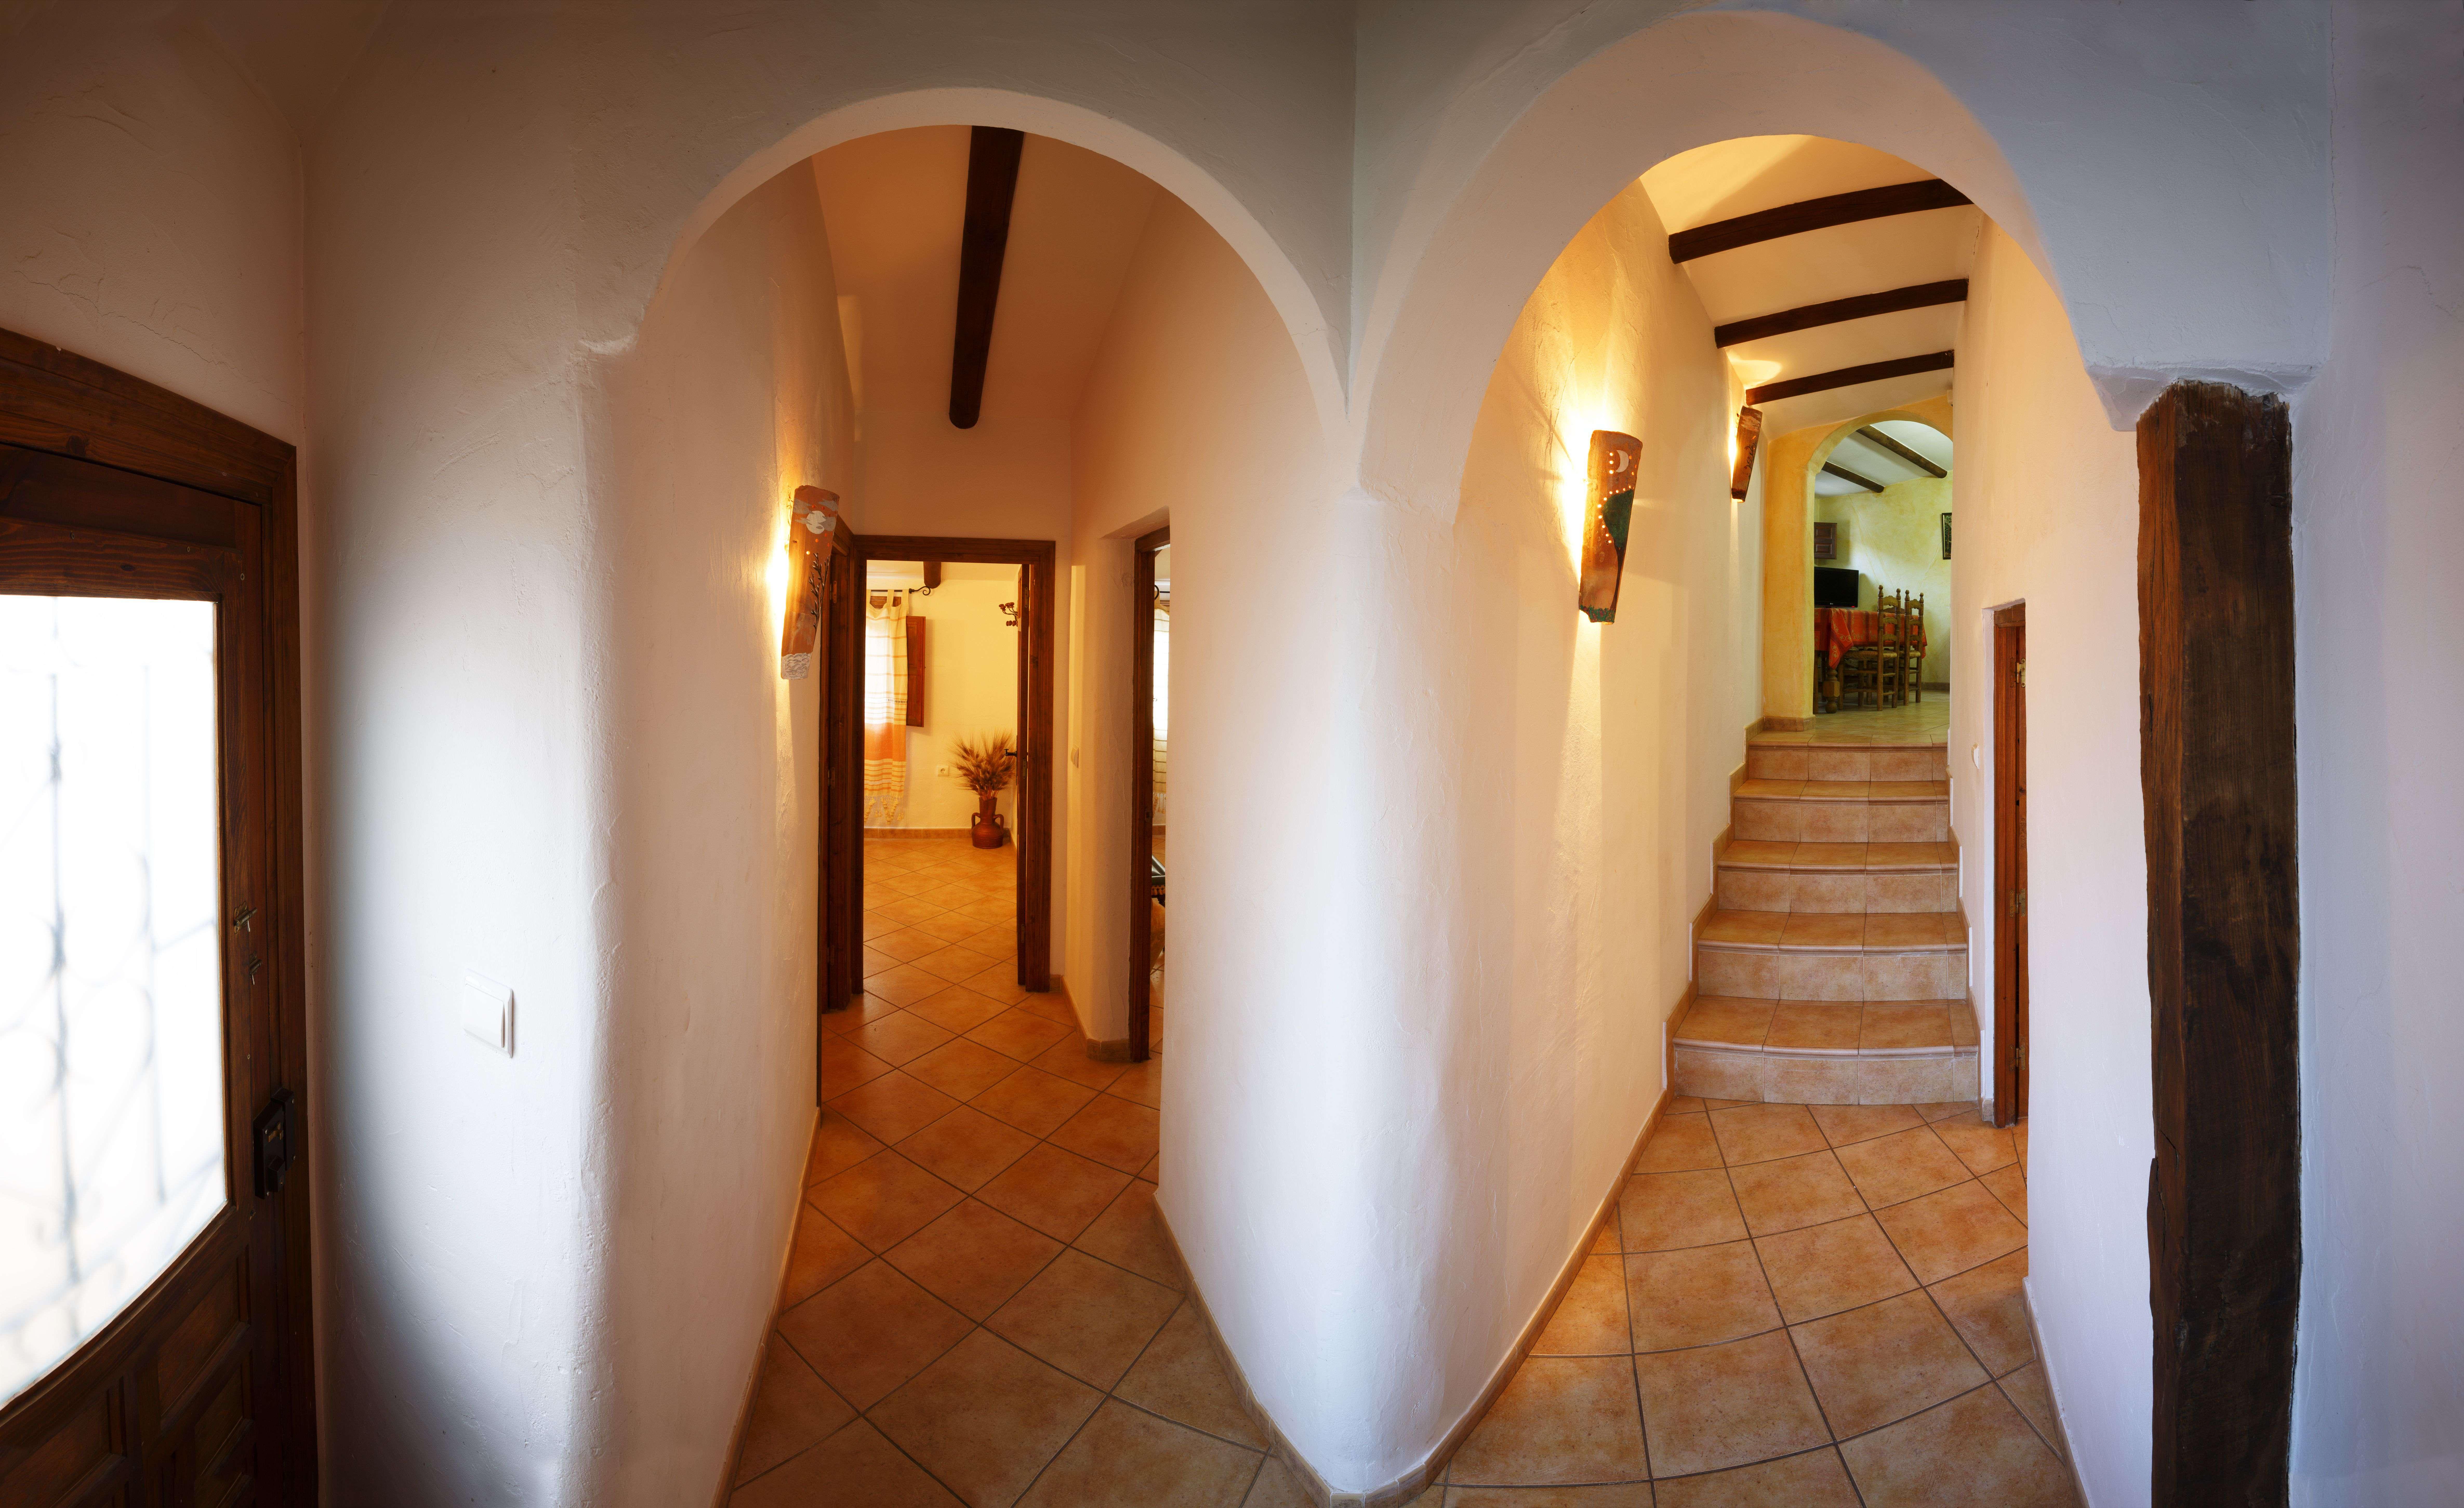 El Pajar - Pasillo con puerta y luz